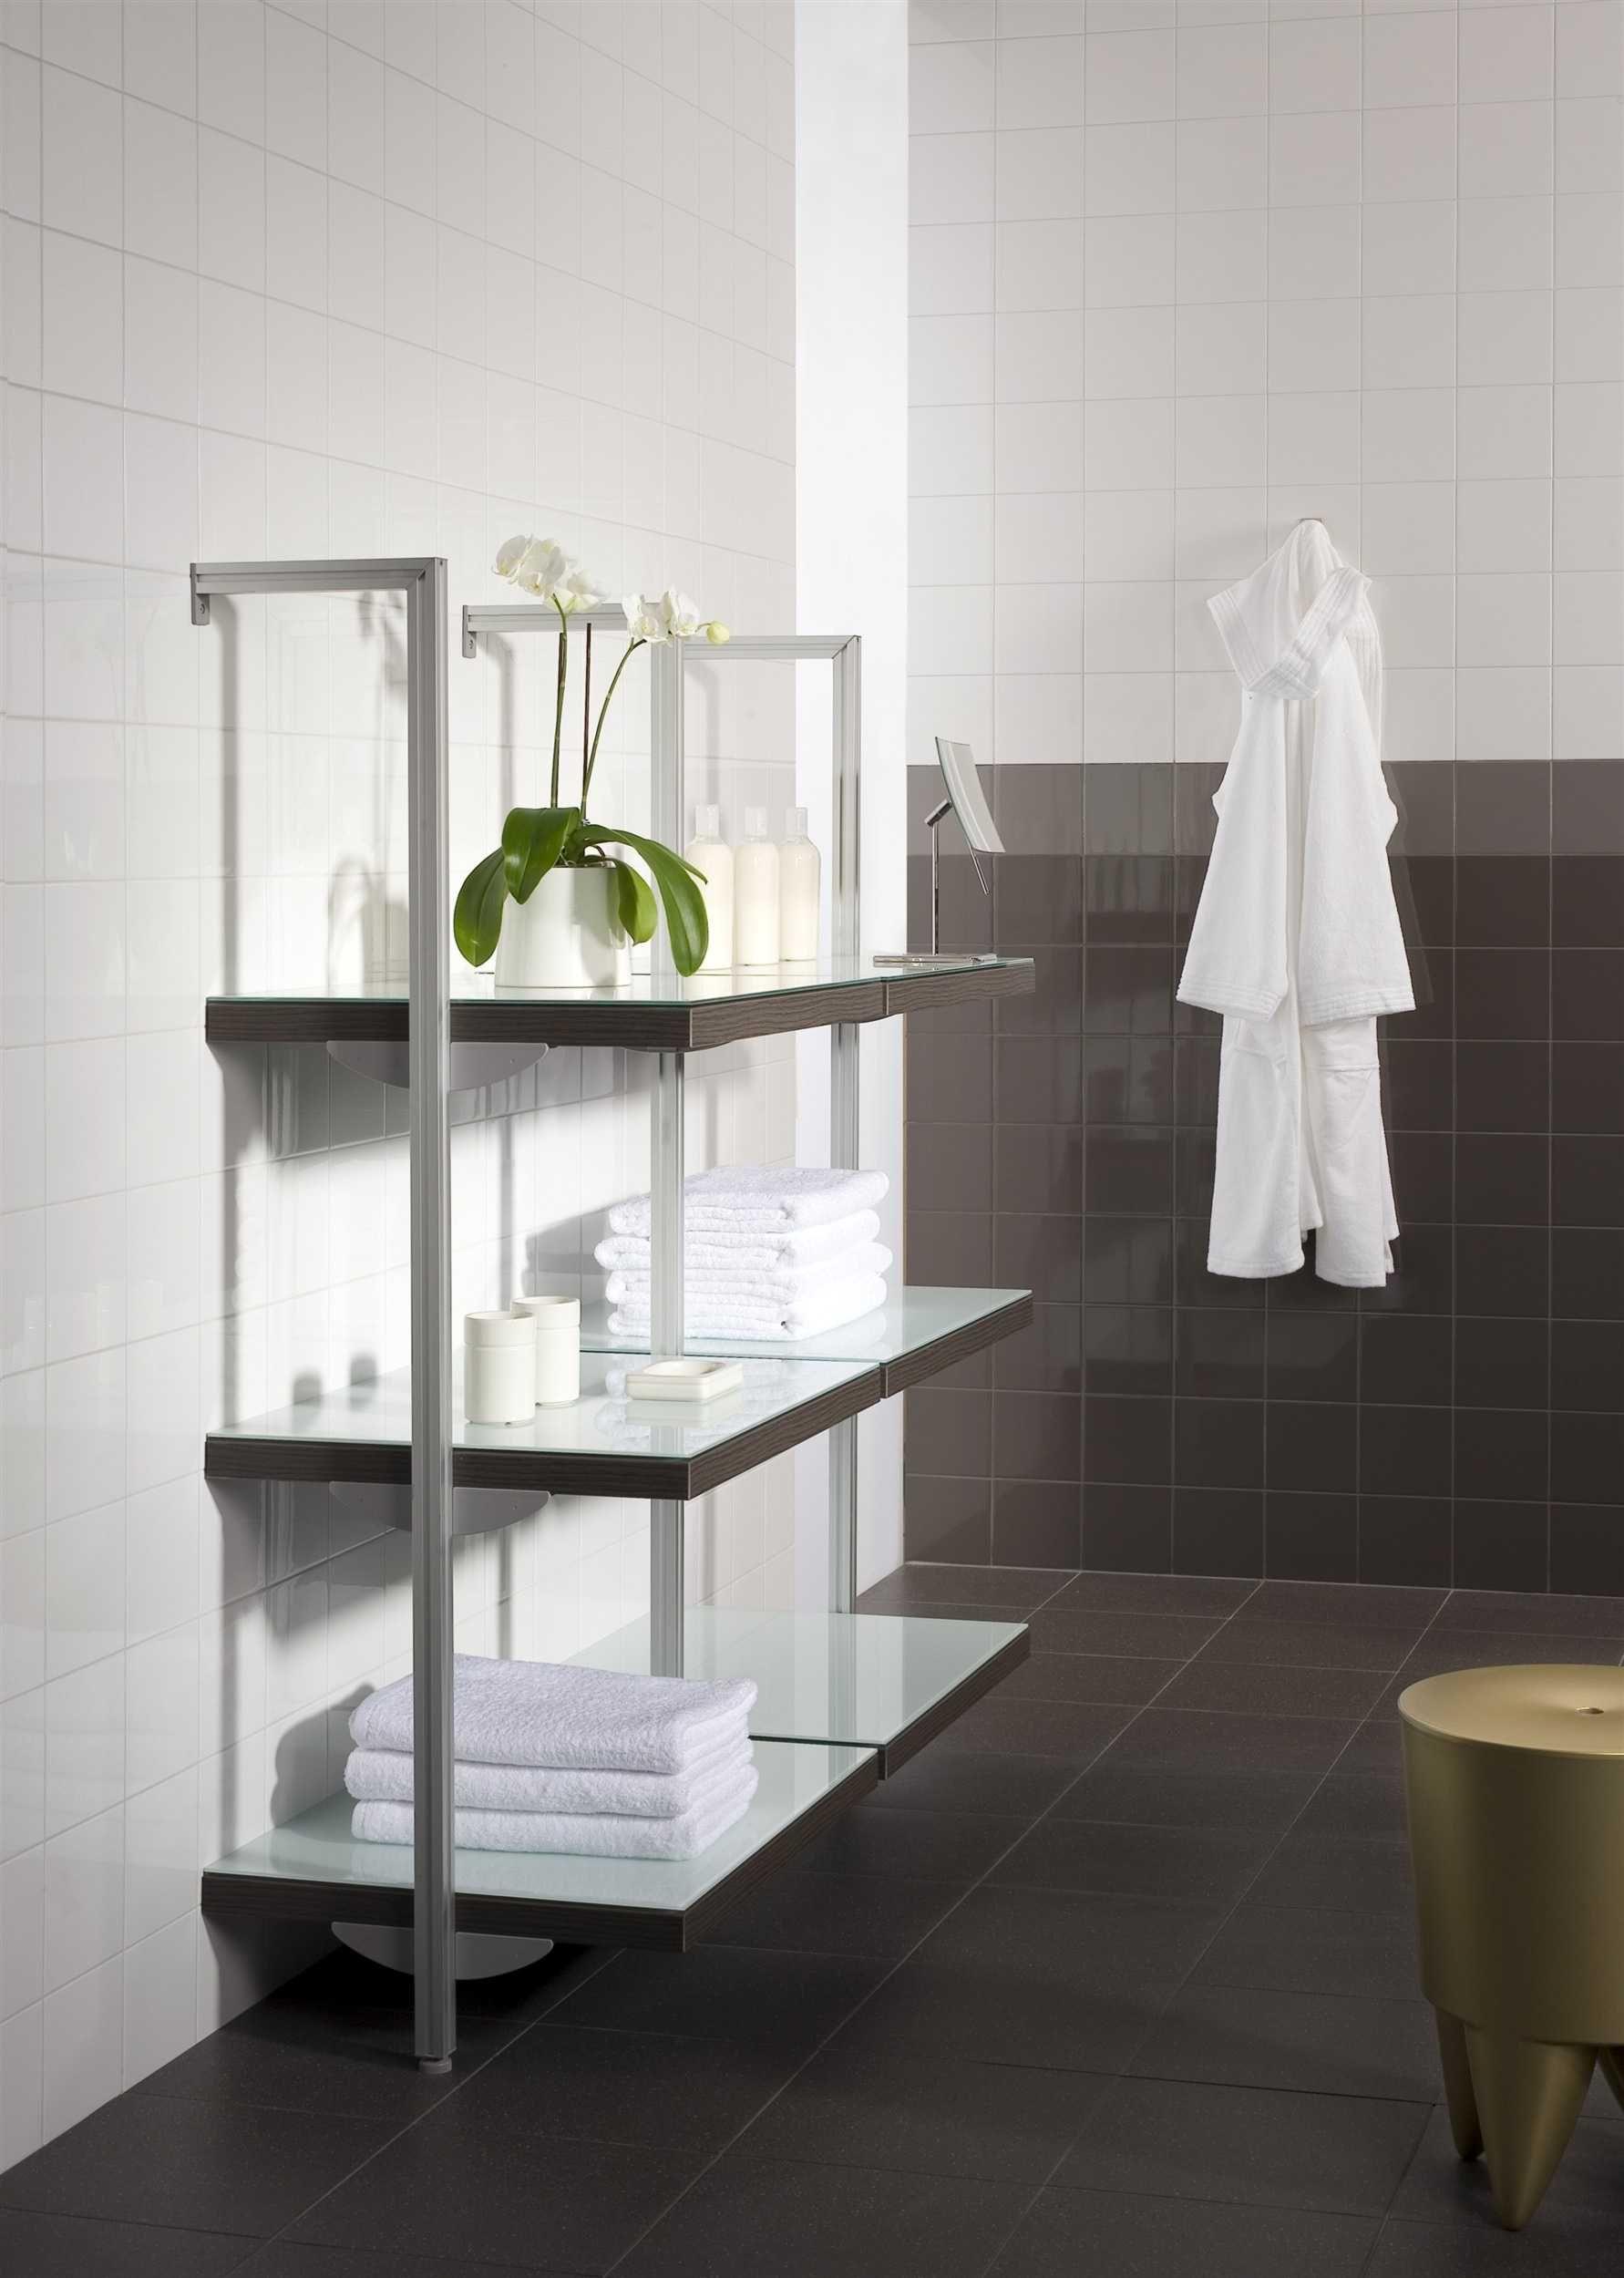 badezimmer einbauschrank website abbild oder dfcecdaeffaf